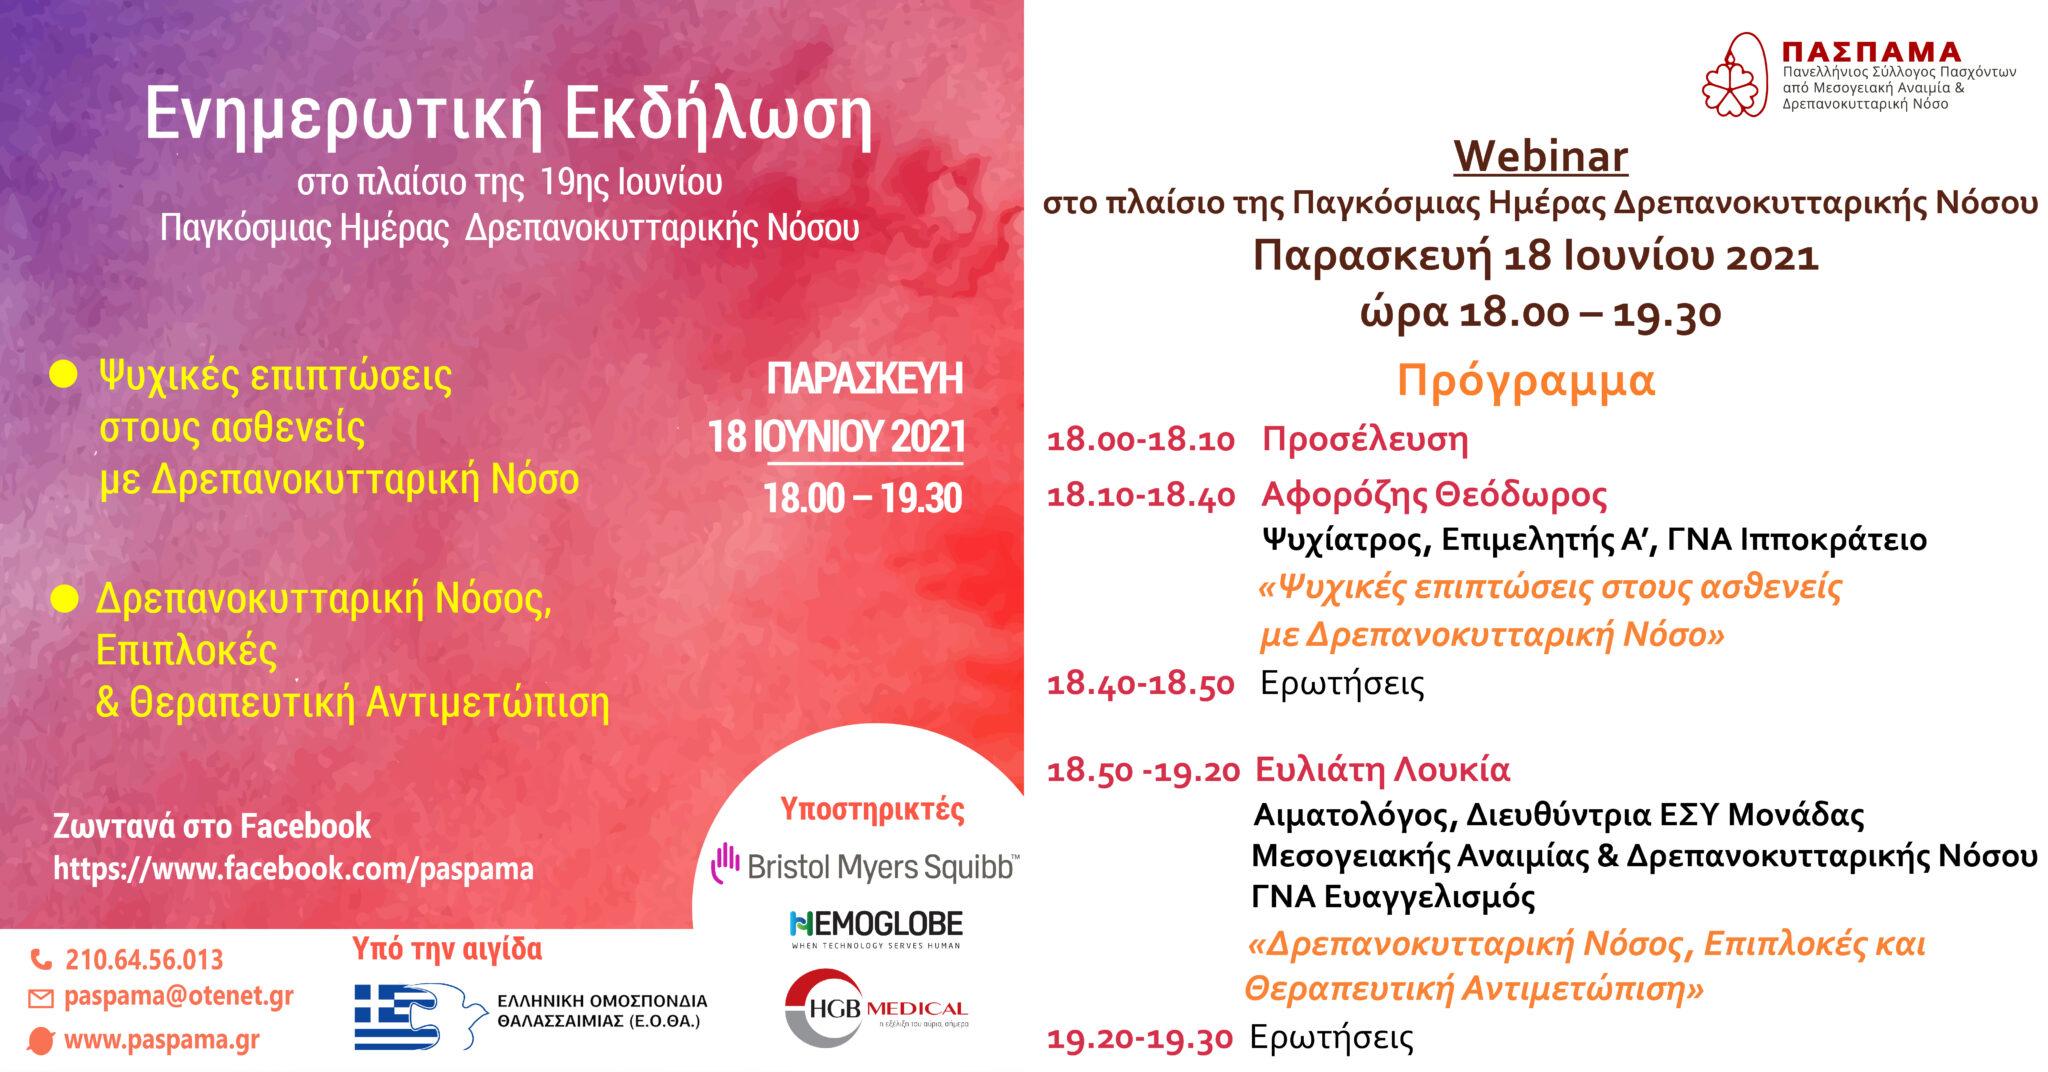 ΠΑΣΠΑΜΑ: Ενημερωτική Εκδήλωση για τη Δρεπανοκυτταρική Νόσο | 18.06.2021